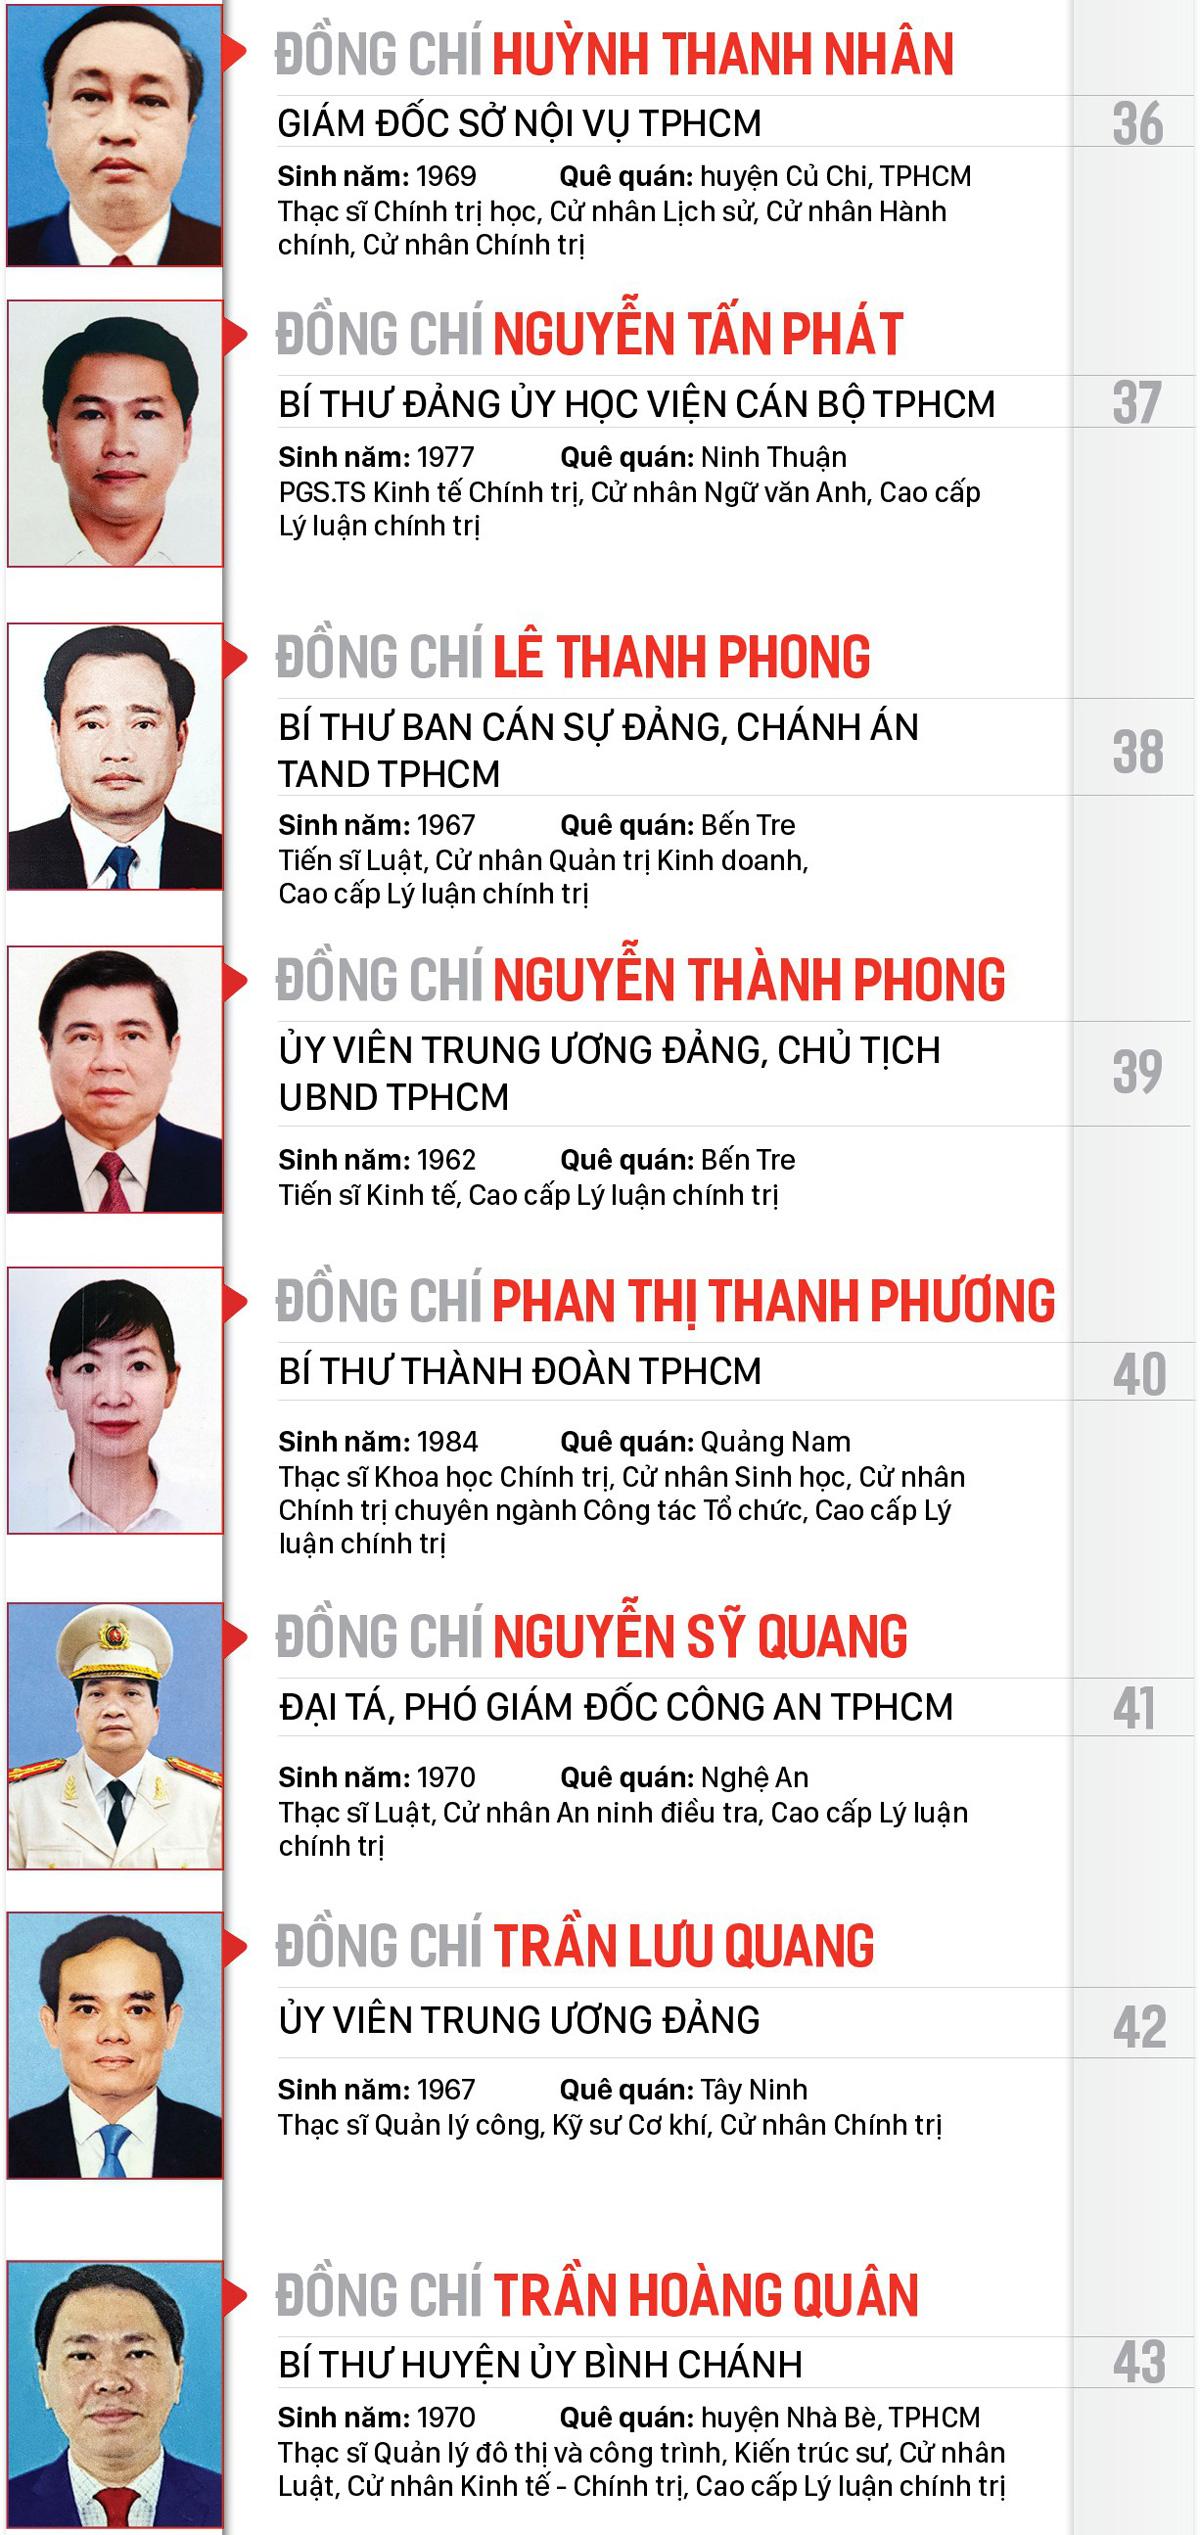 Công bố danh sách Ban Chấp hành Đảng bộ TPHCM khóa XI, nhiệm kỳ 2020-2025 ảnh 5